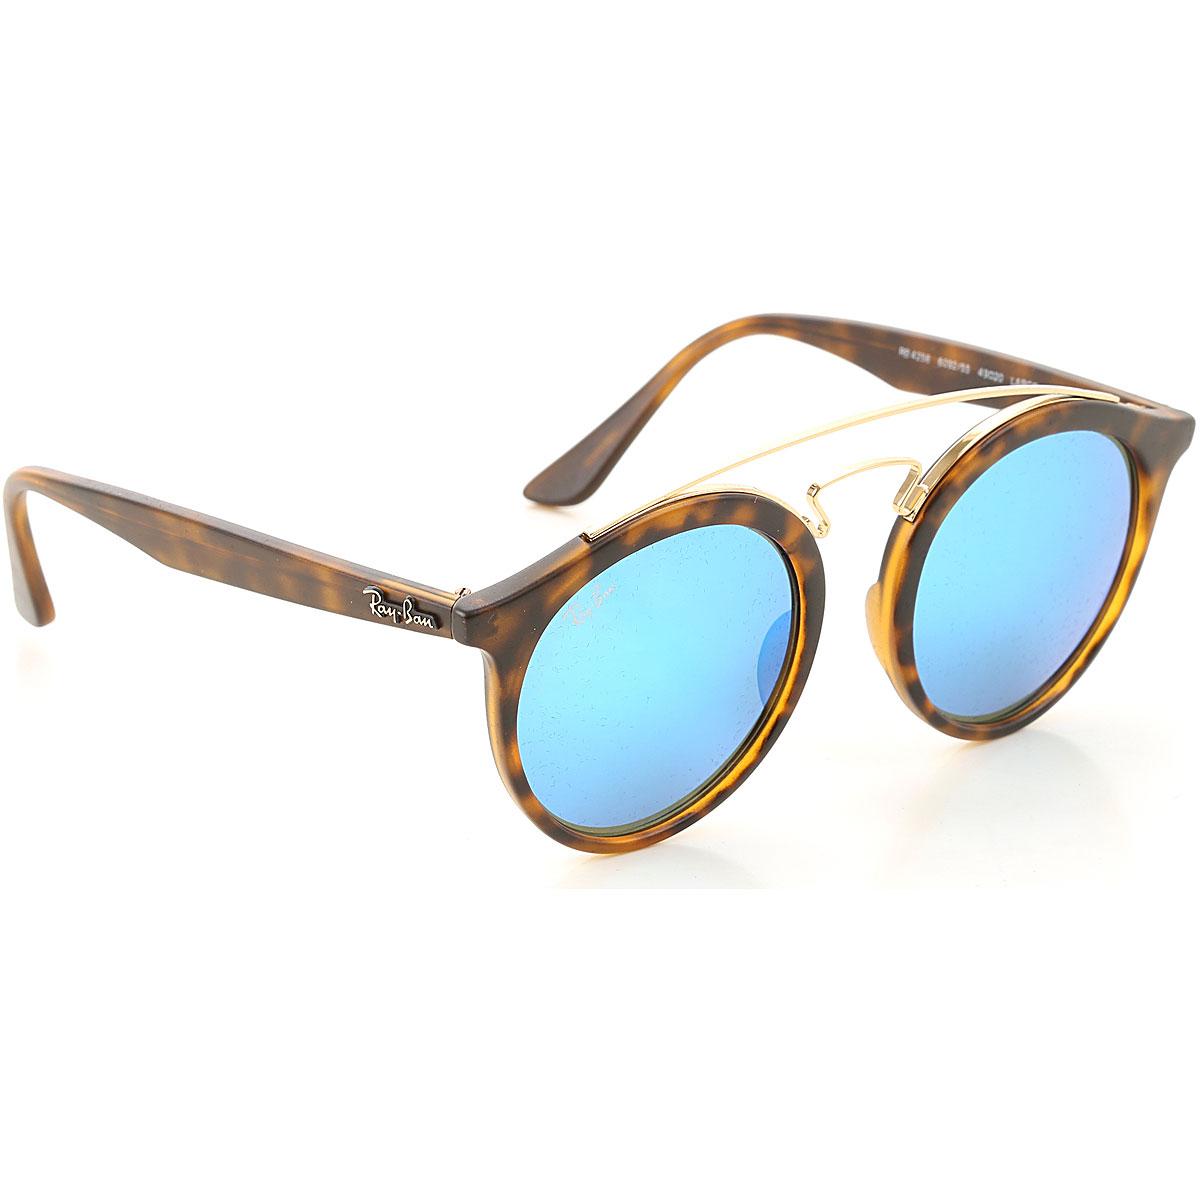 Ray Ban Sunglasses On Sale, Matt Havana, 2019